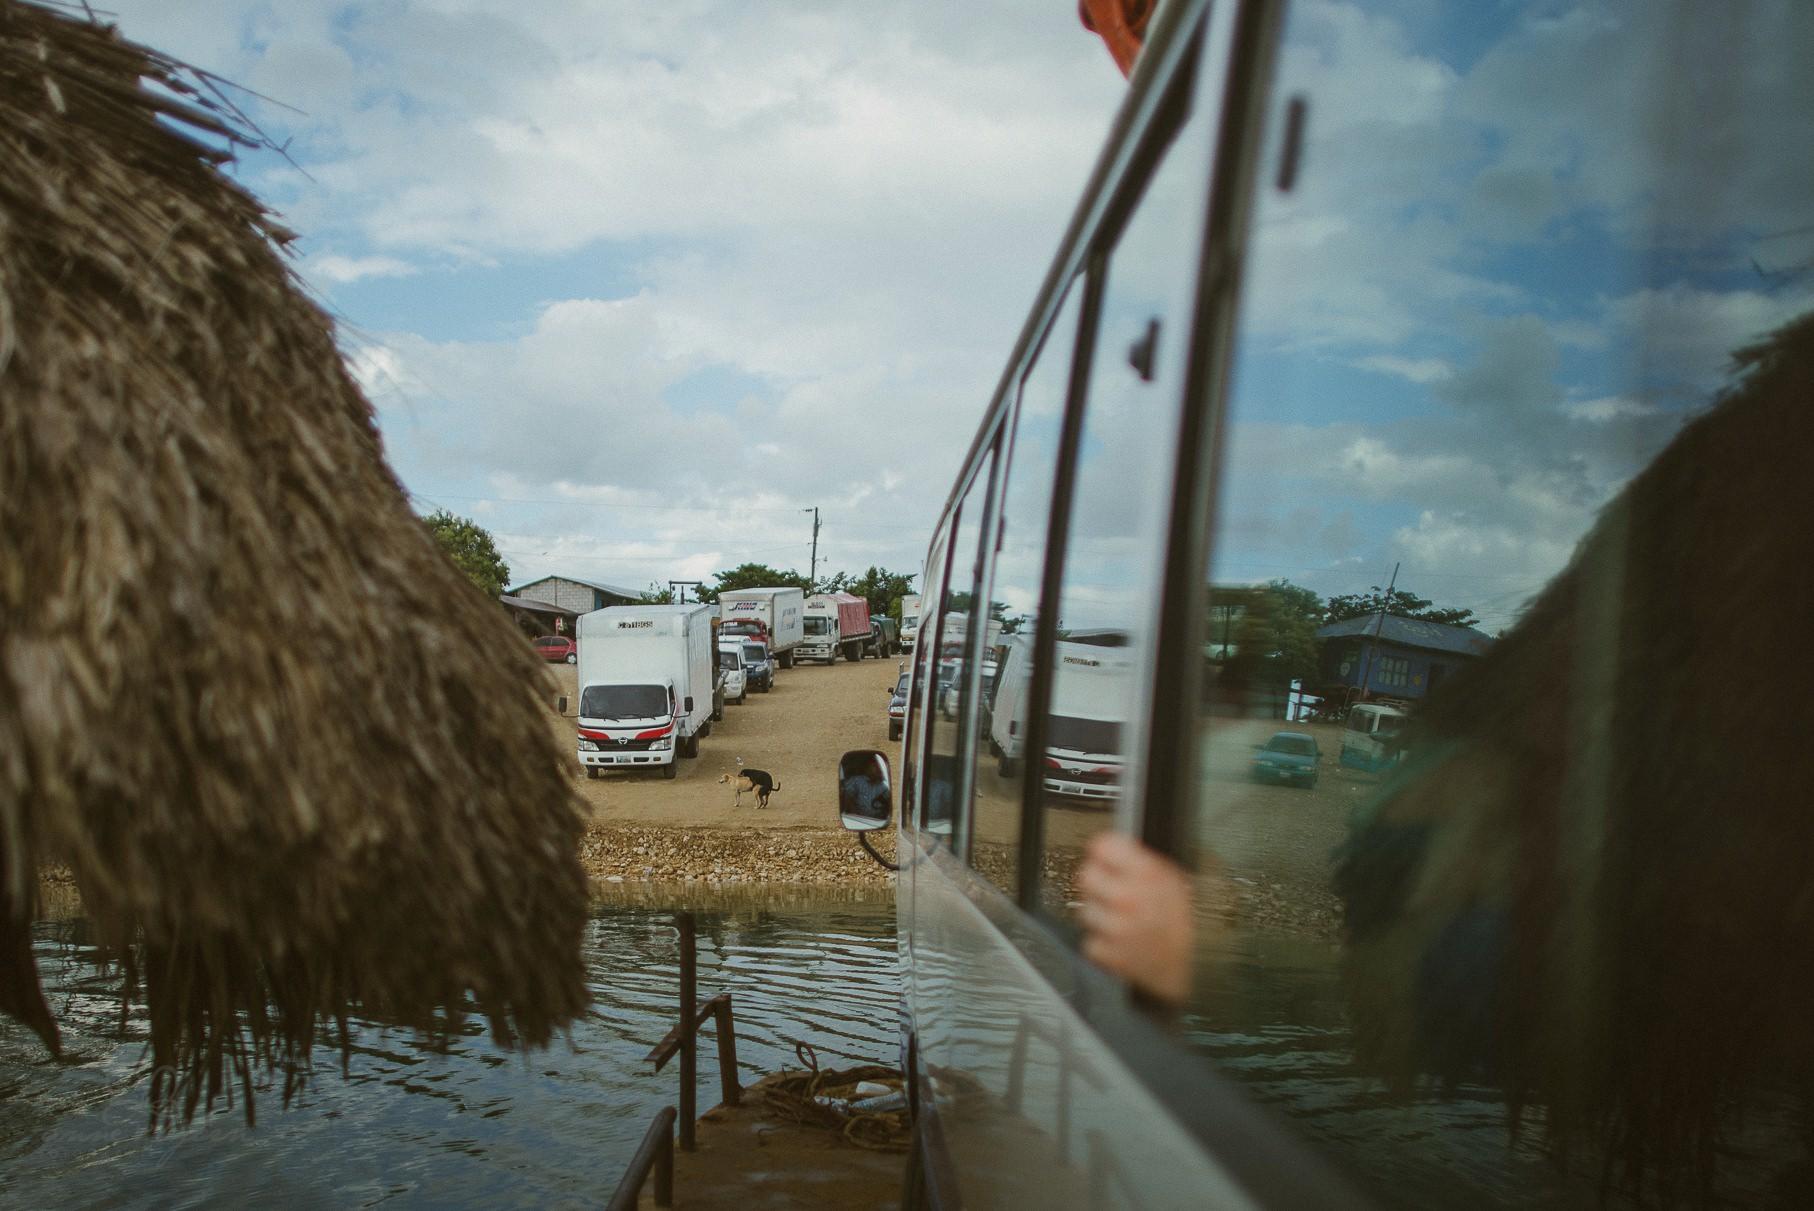 0198 anne und bjoern guatemala d75 4500 - 4 Wochen durch Guatemala - backpacking durch Mittelamerika